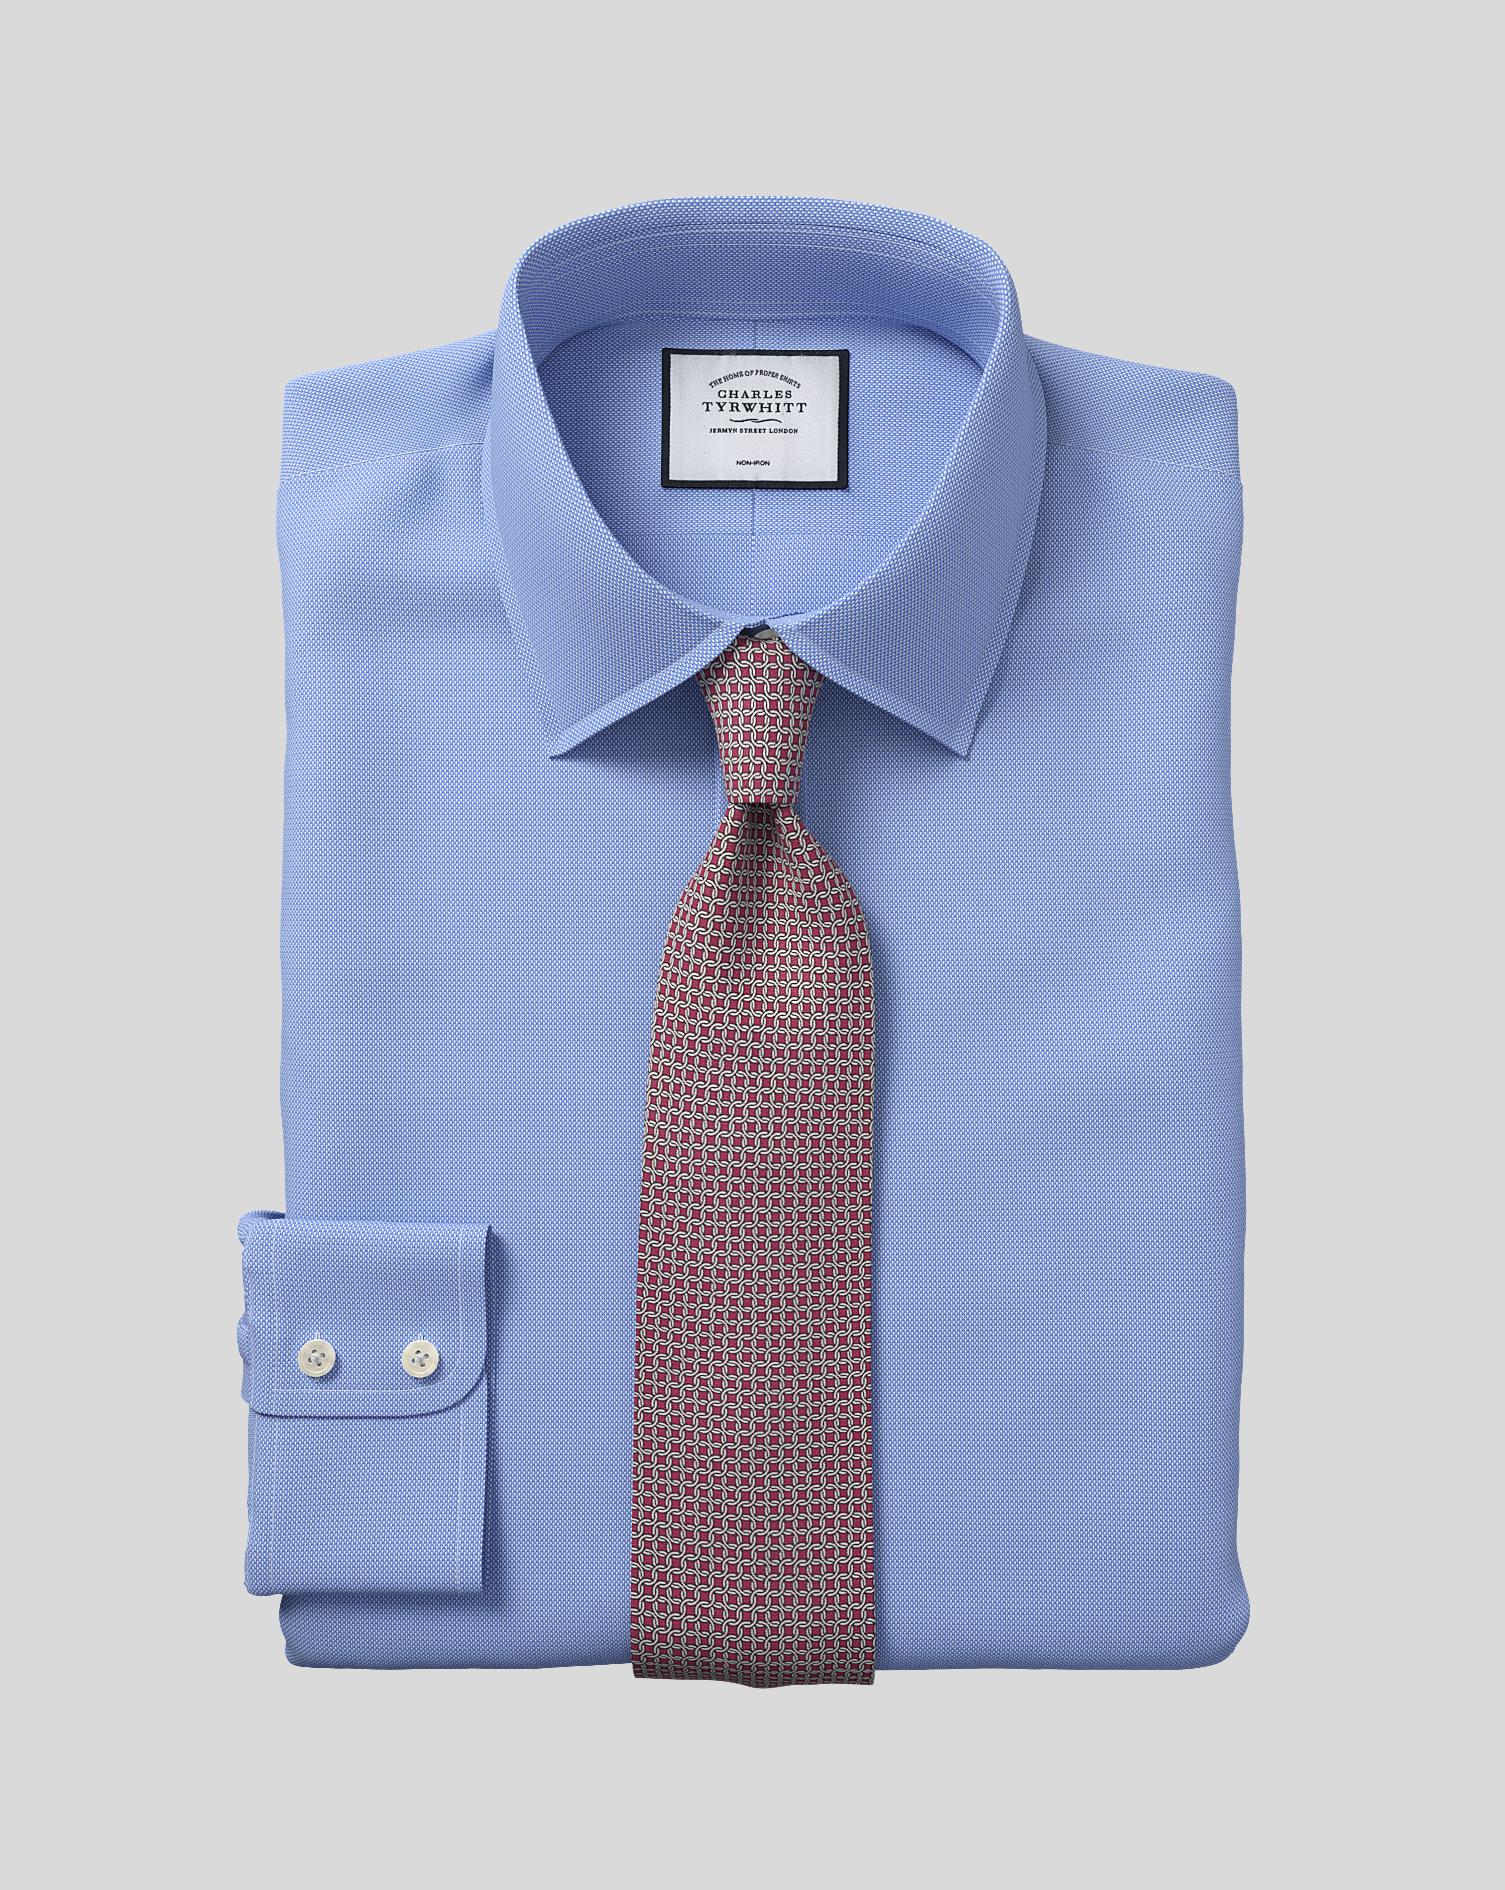 Cotton Classic Collar Non-Iron Royal Oxford Shirt - Blue